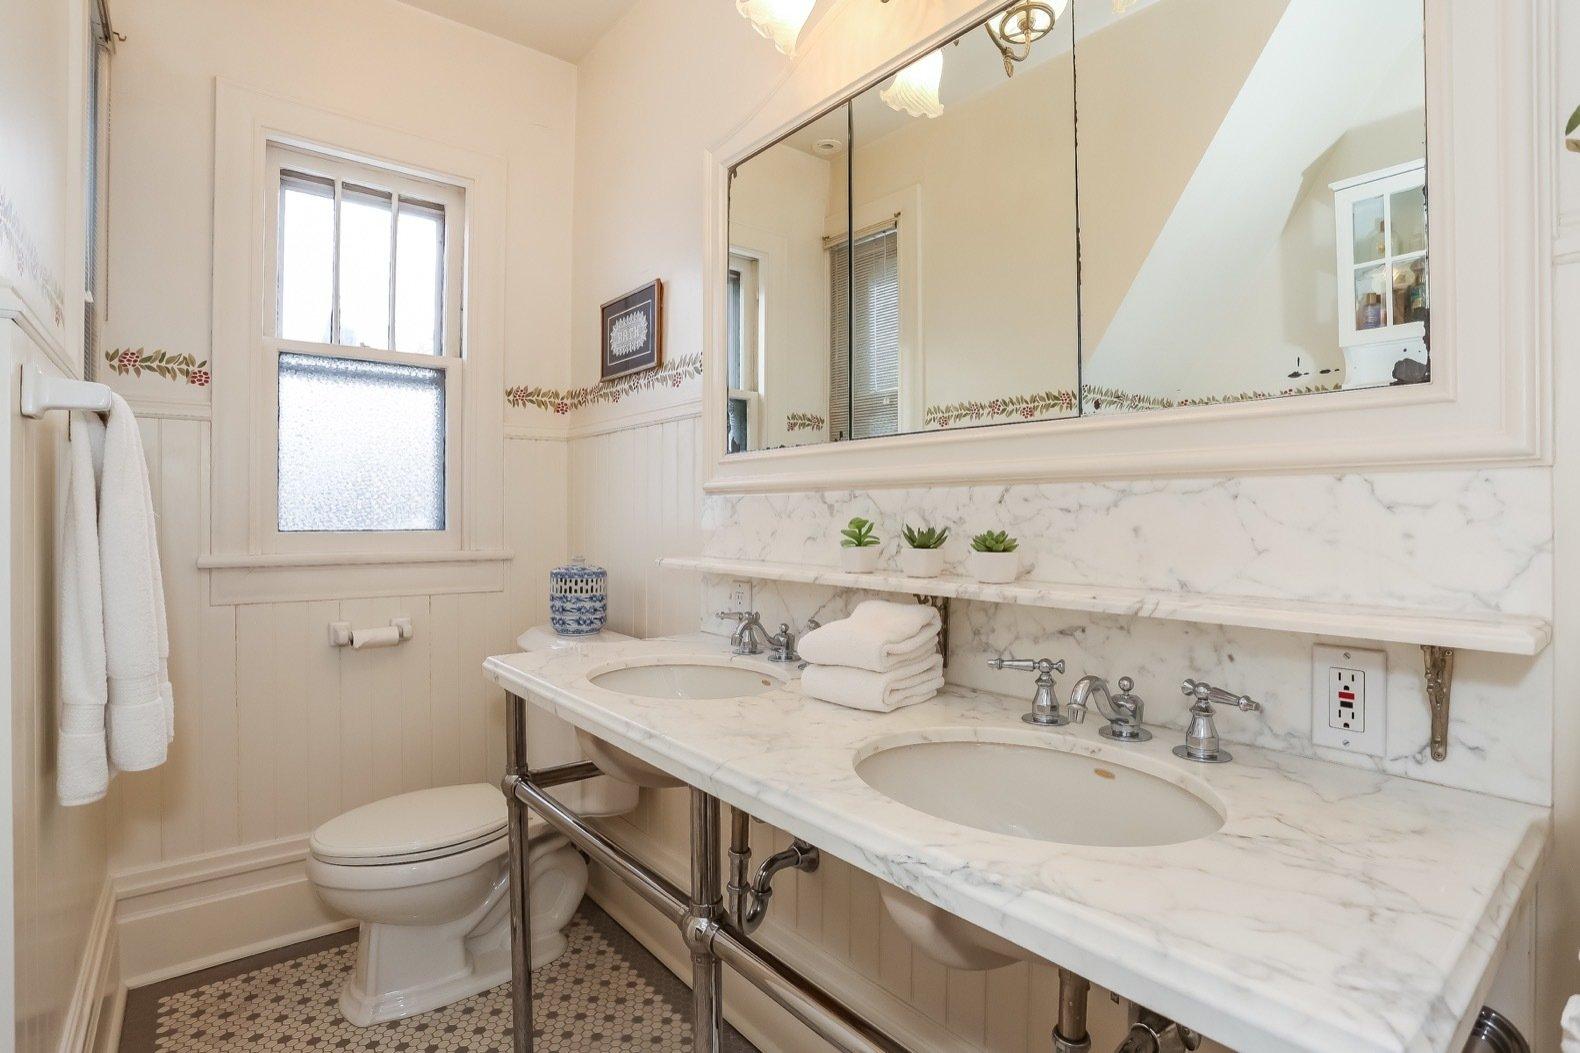 W. Irving Clark House bathroom